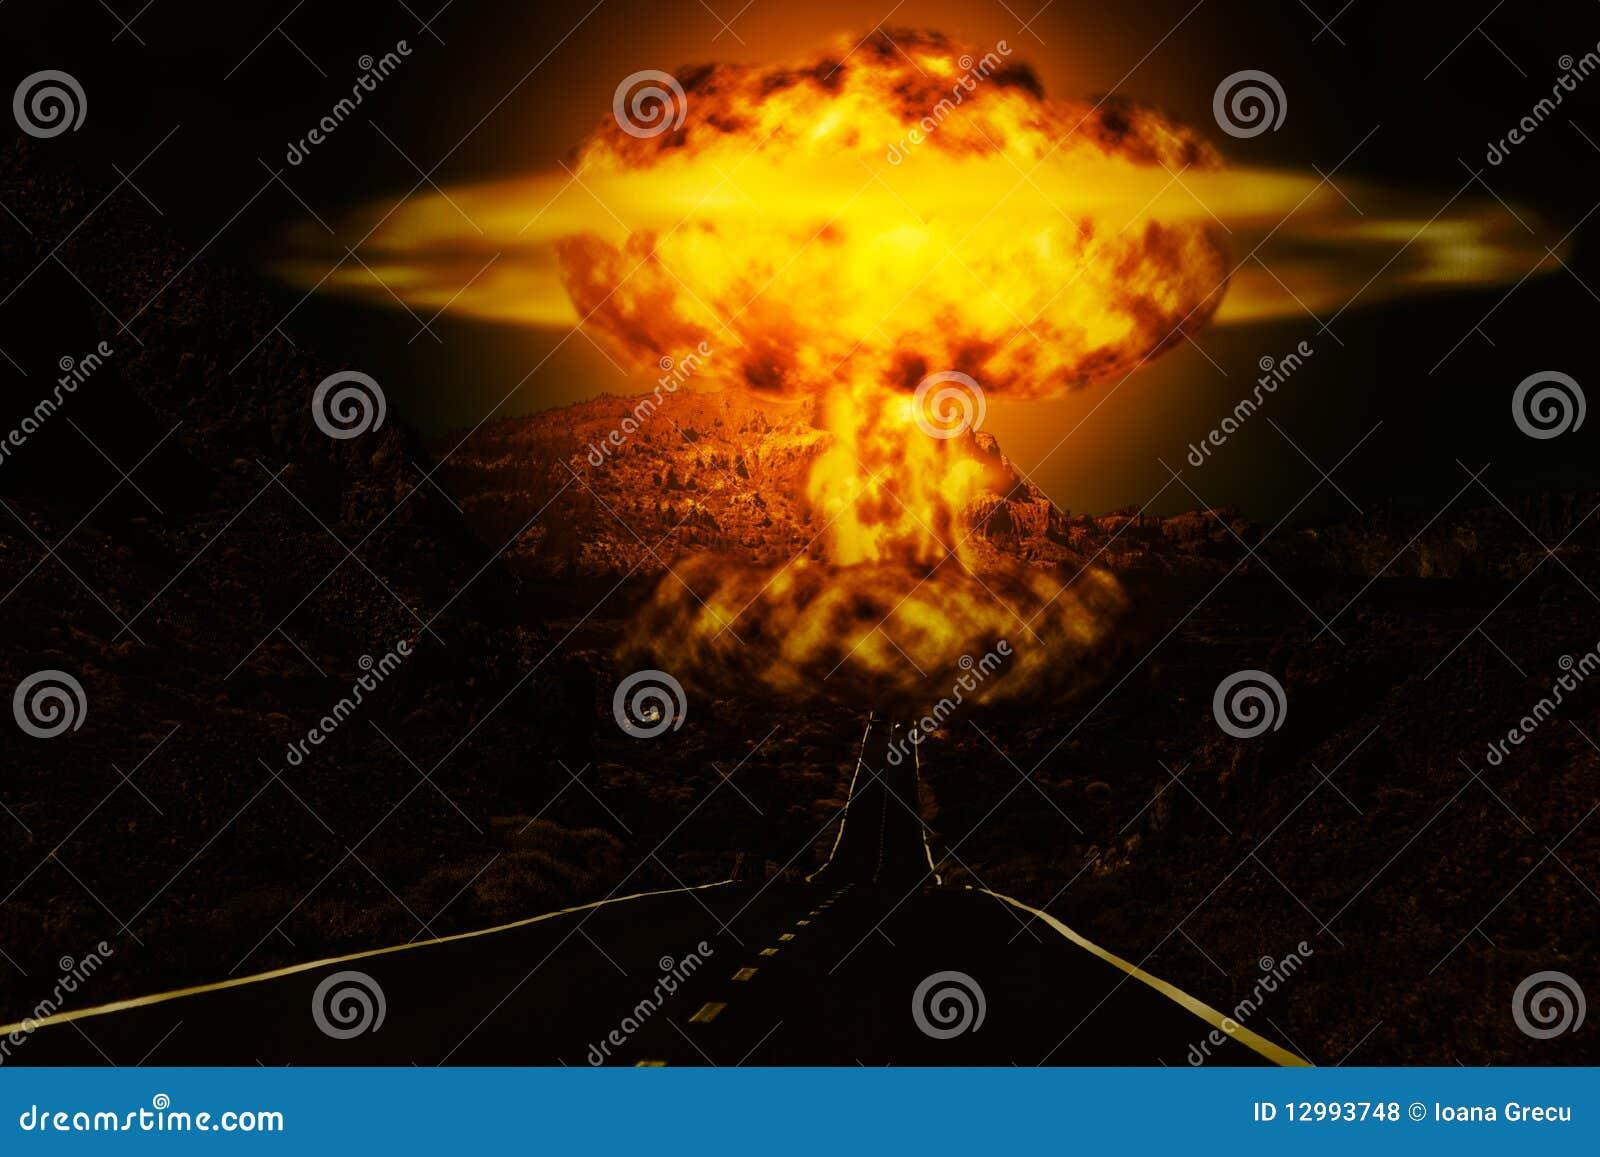 Ráfaga de bomba atómica en desierto